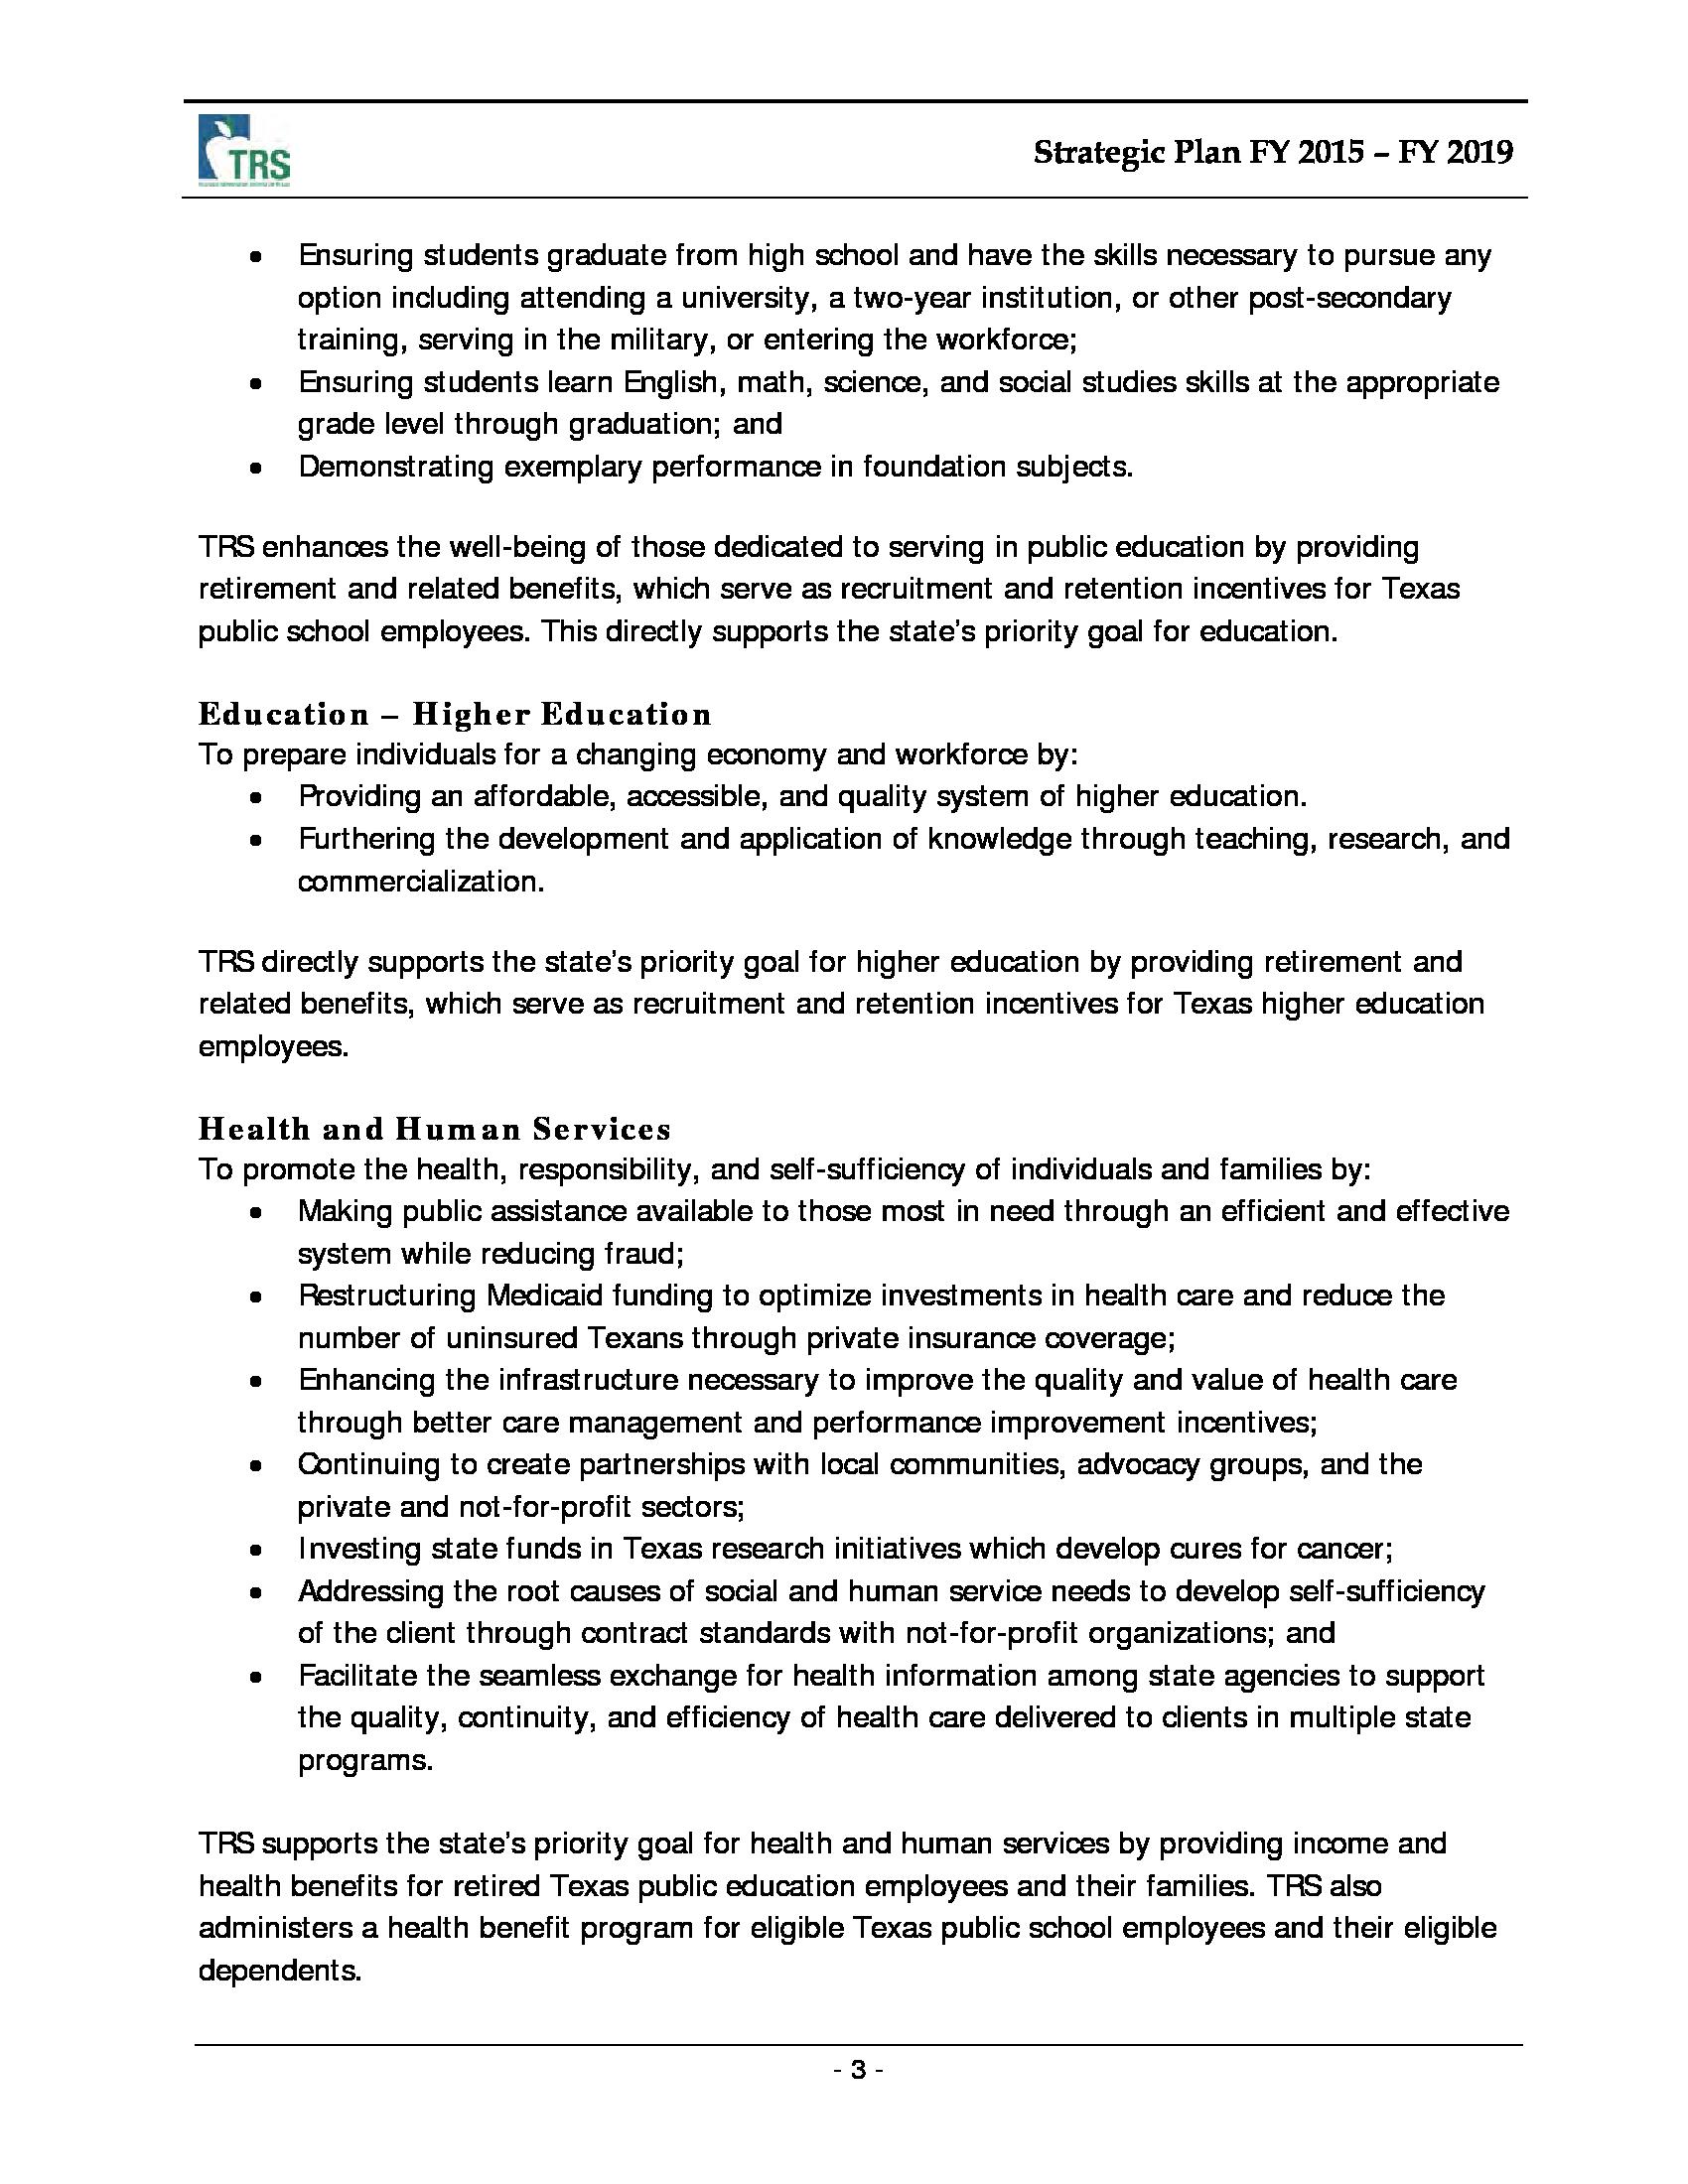 Advisorselect - Teacher Retirement System Of Texas - 2015